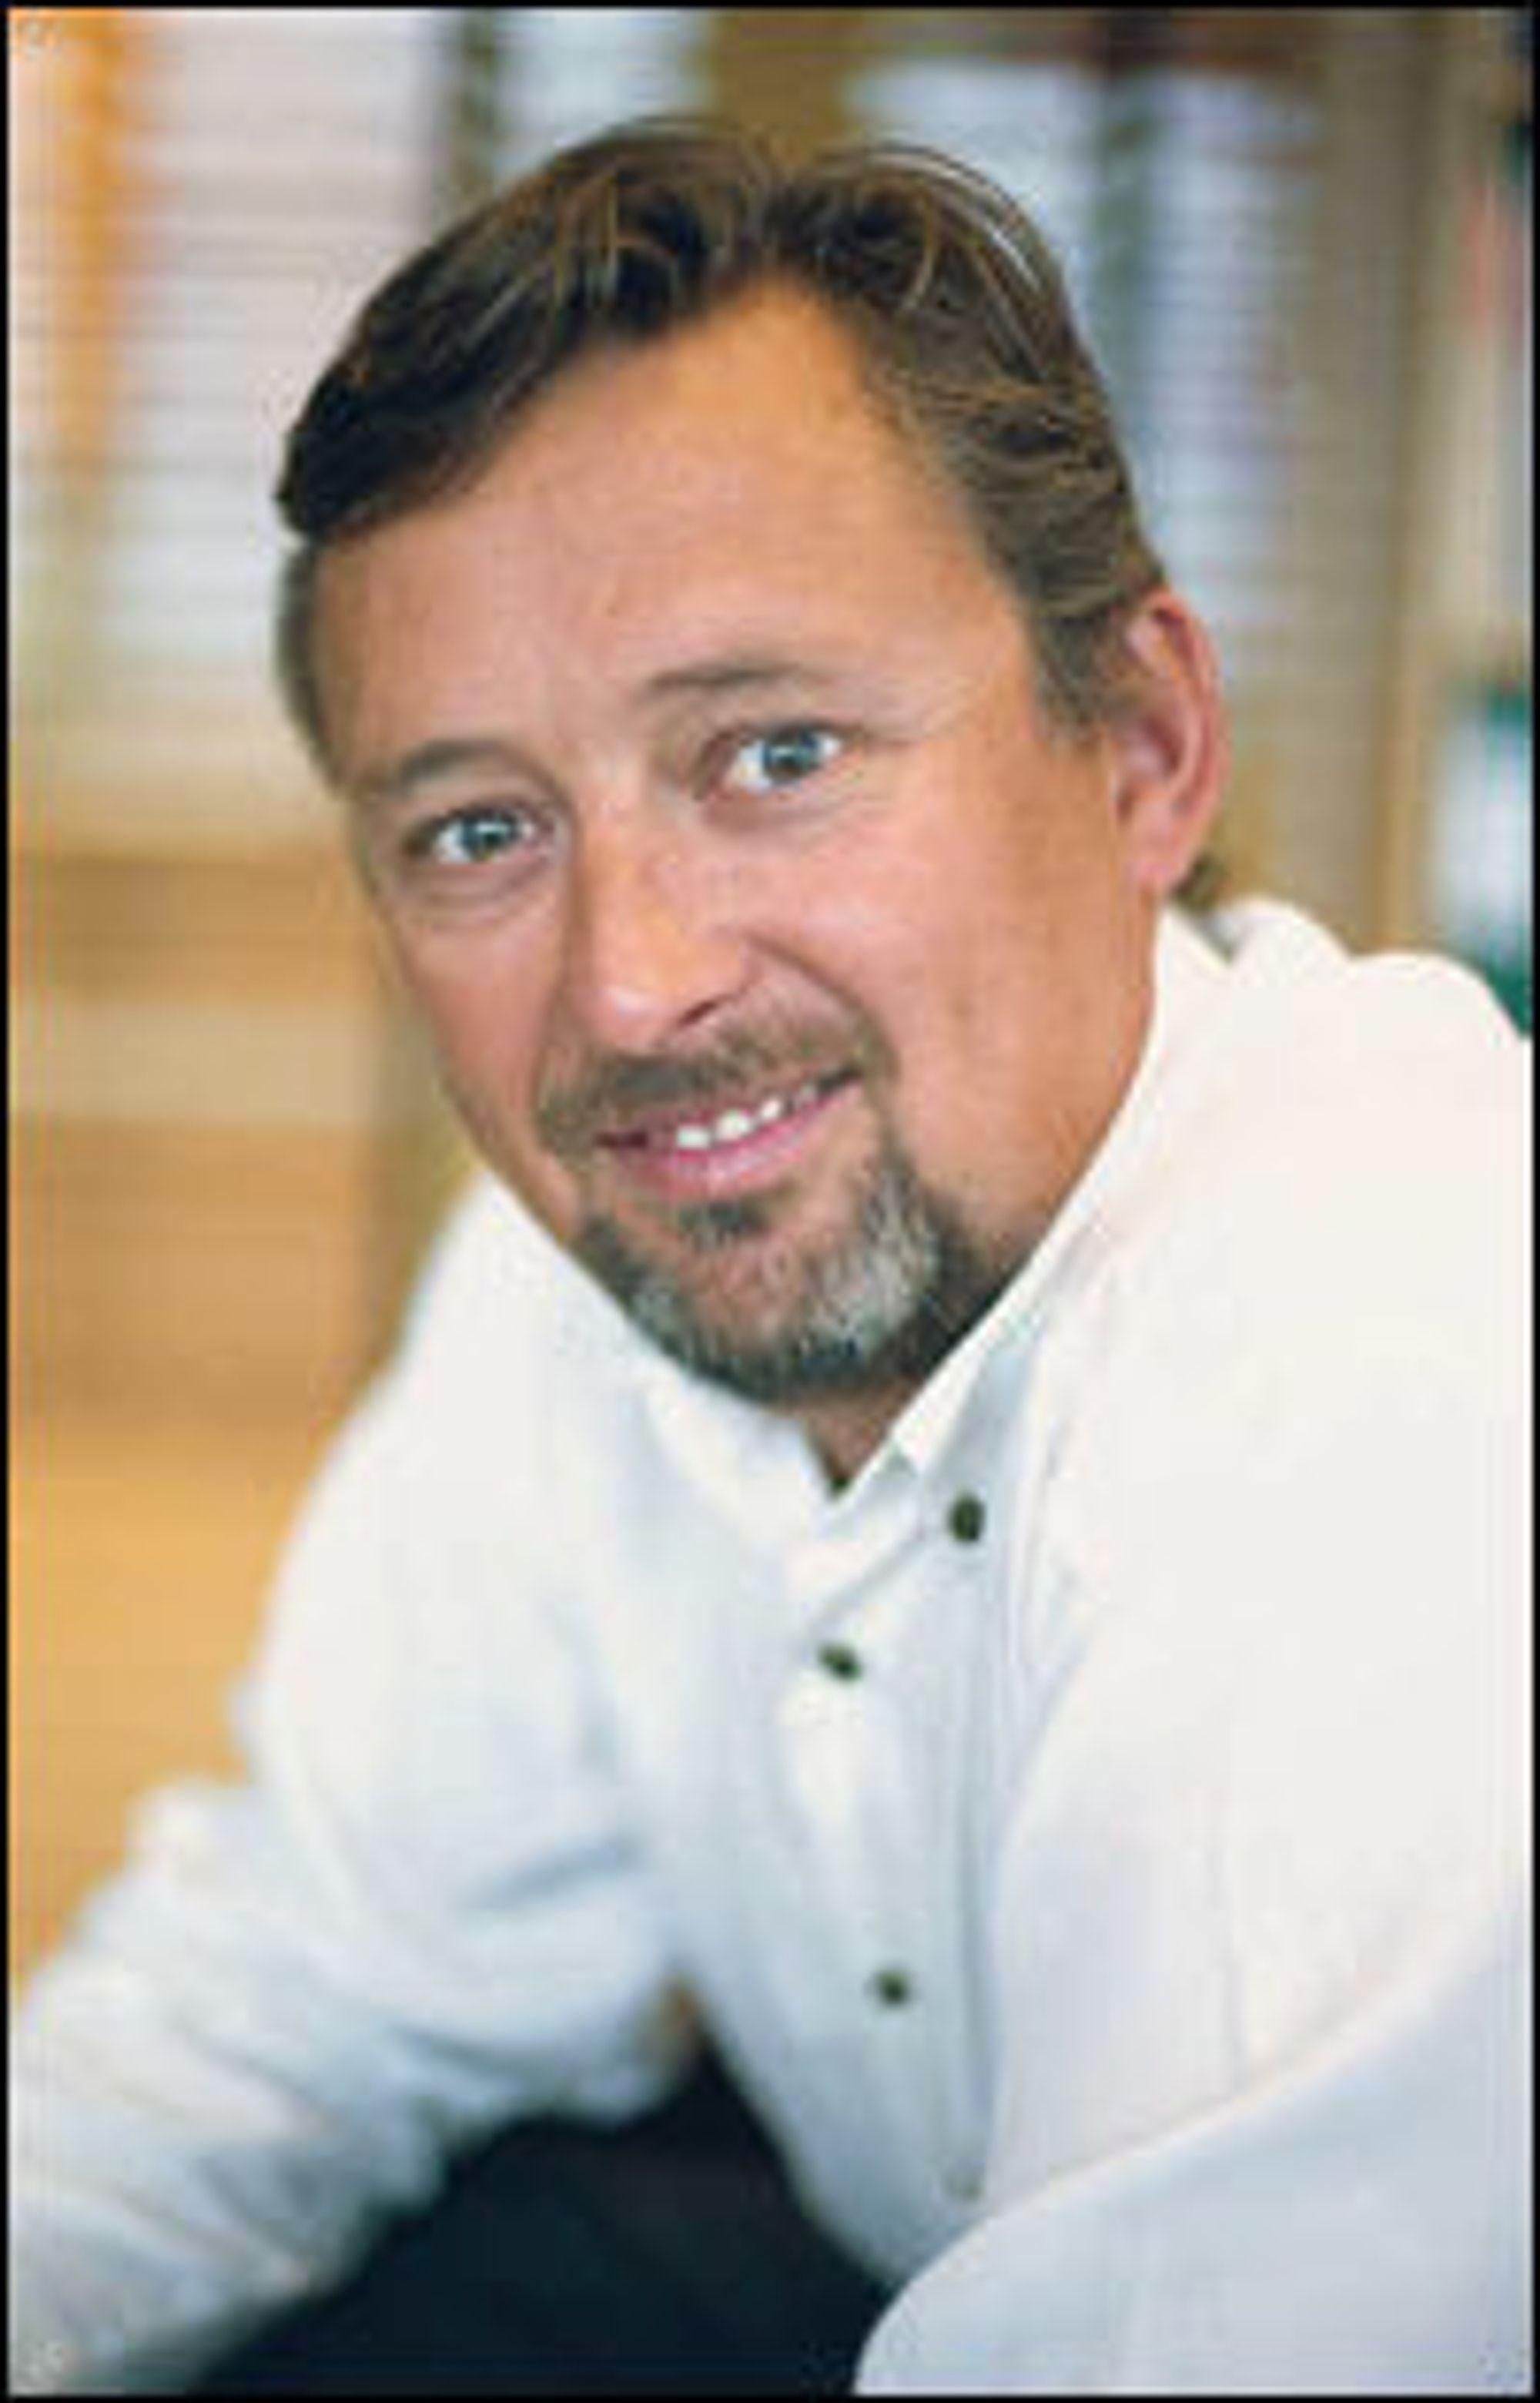 Ateas sjef i Norge, Steinar Sønsteby, kjøper AV-spesialist.